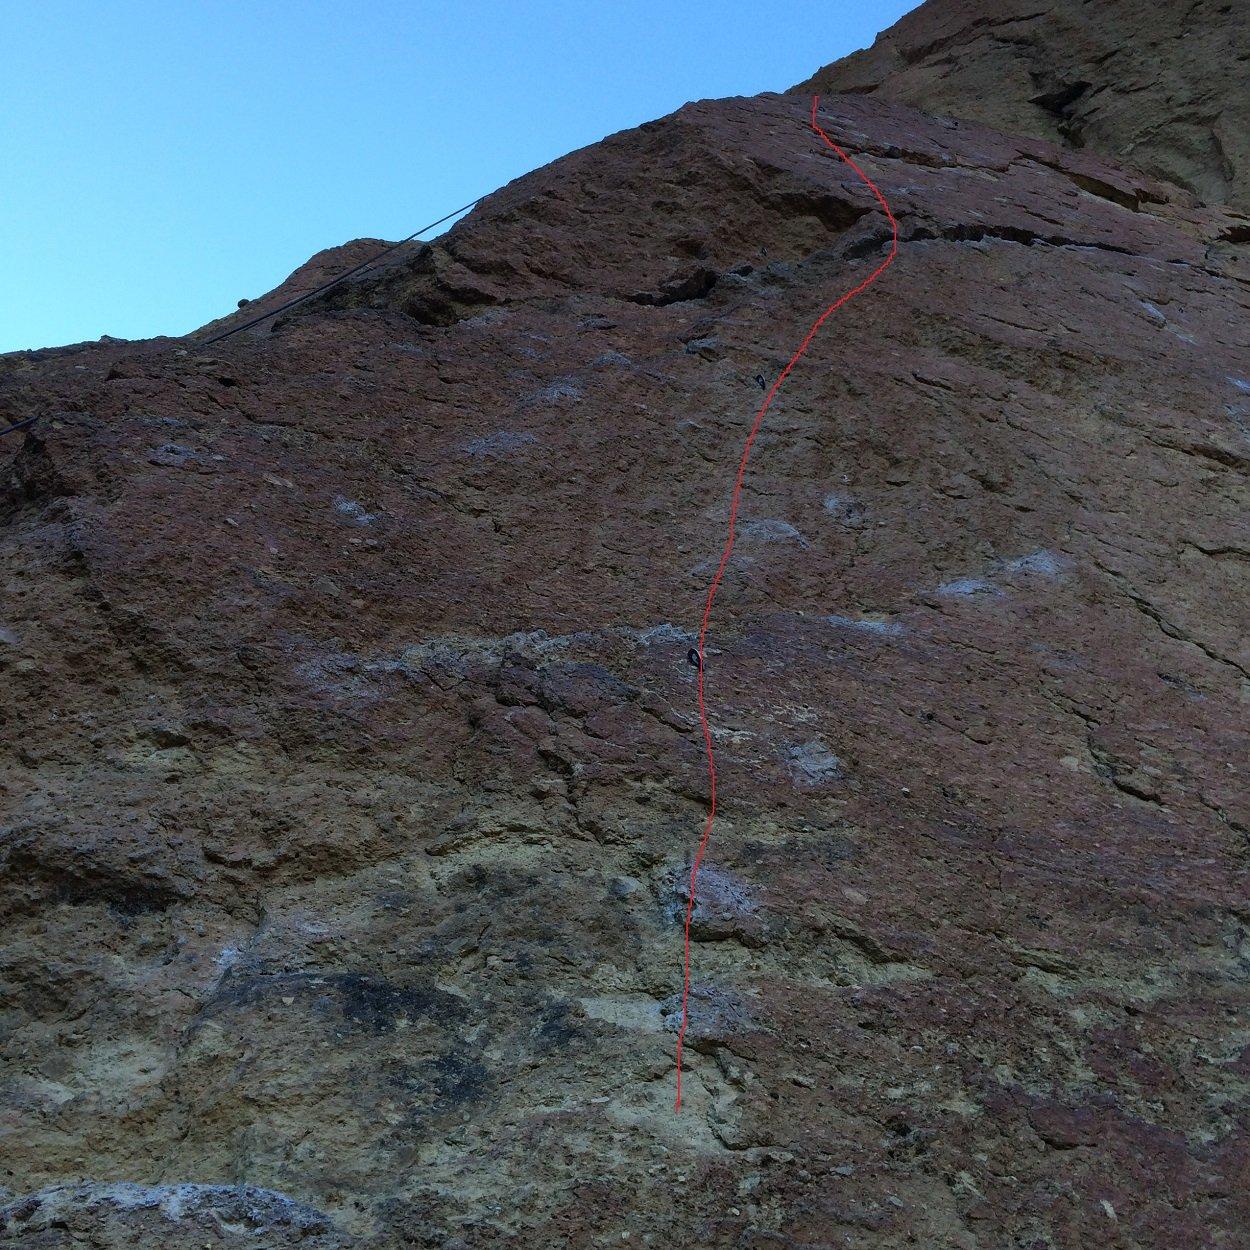 Earth Boys - Smith Rock Climbing